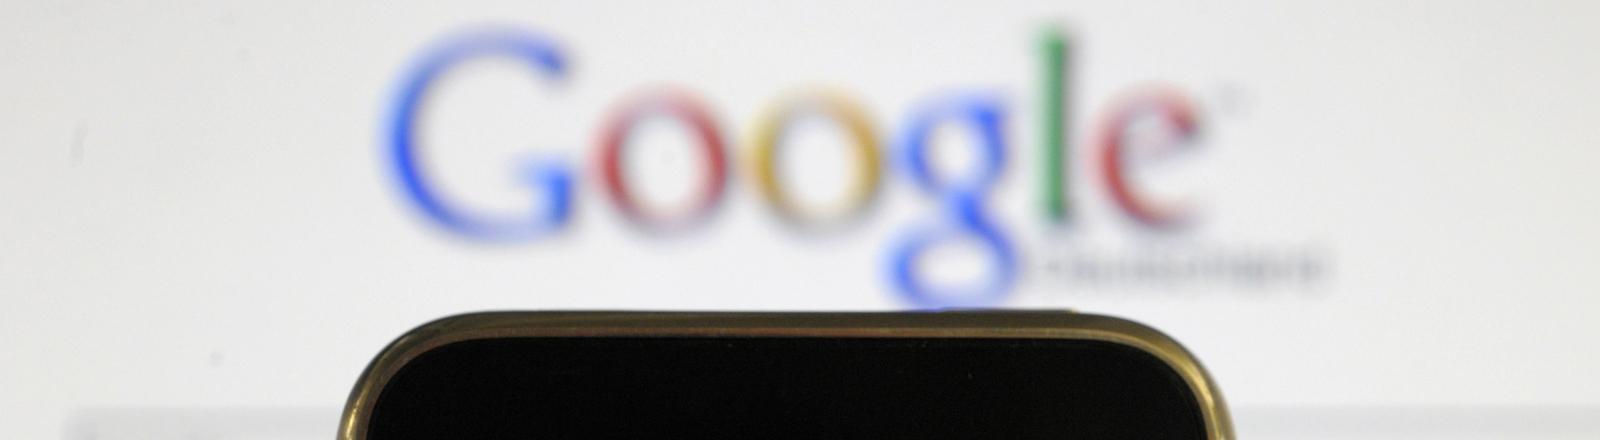 Auf dem Display eines iPhones ist die Startseite von Google Deutschland darstellt, aufgenommen am 19.03.2010.